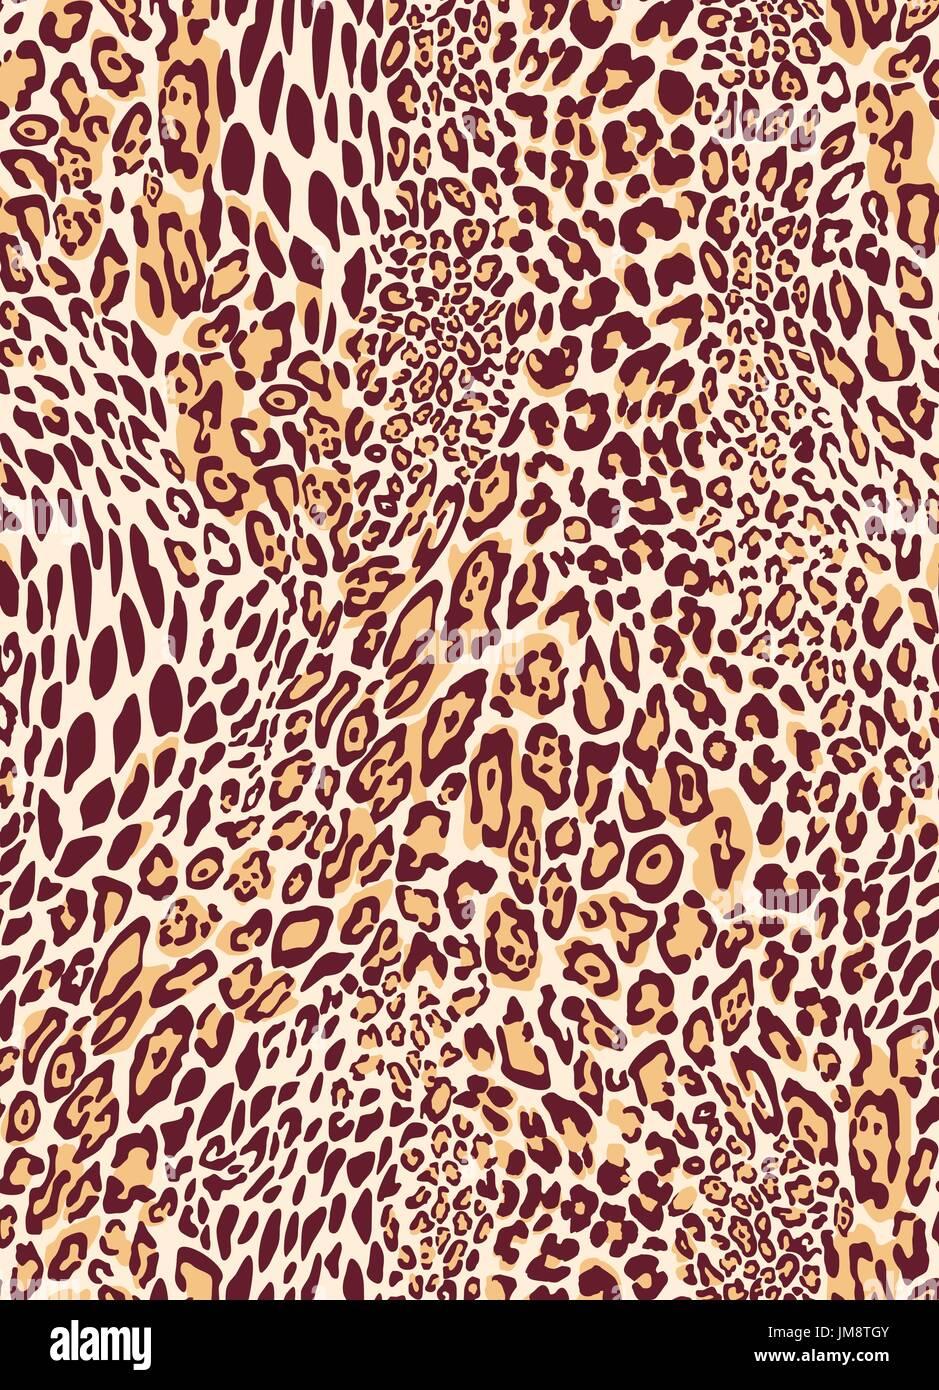 free seamless pattern backgrounds patterncoolercom - HD939×1390